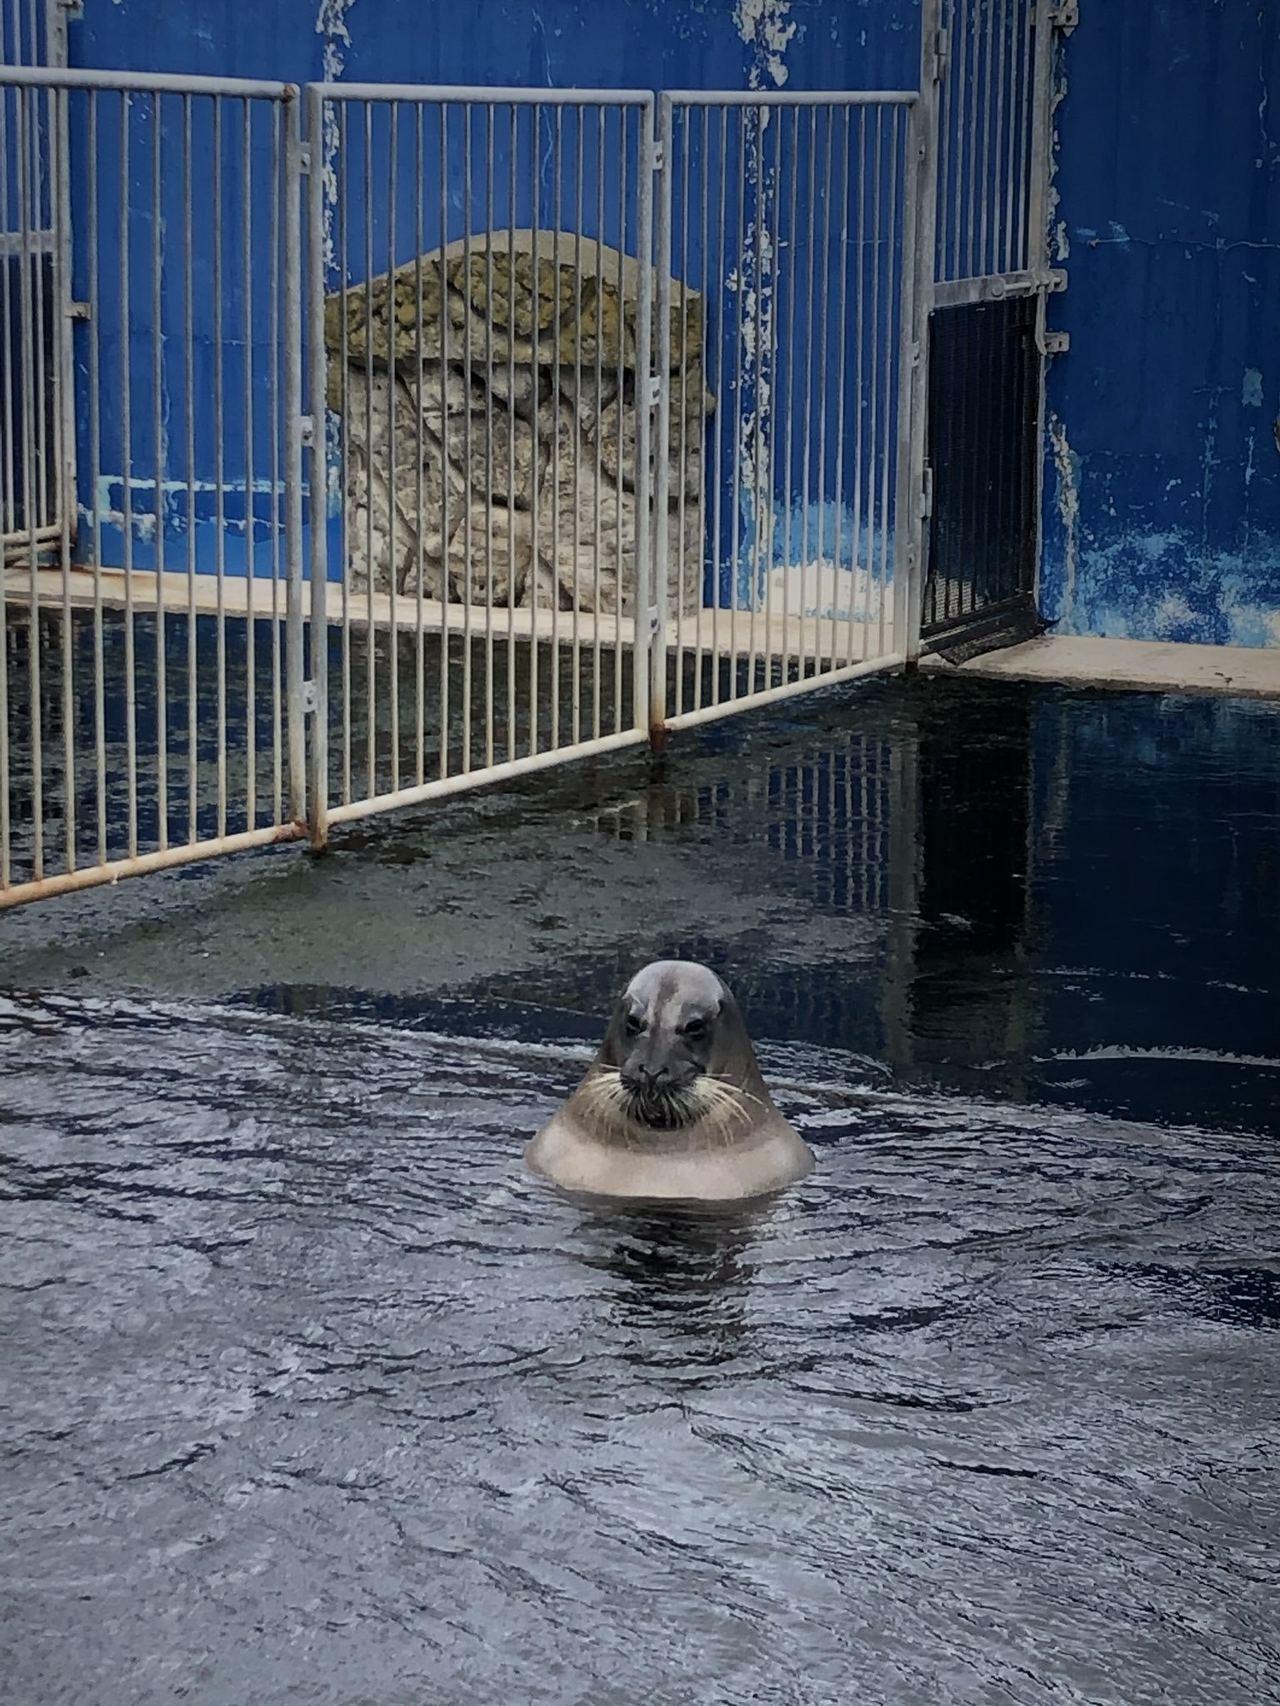 海豹在露天澡堂洗澡。圖翻攝自twitter「uruhira」